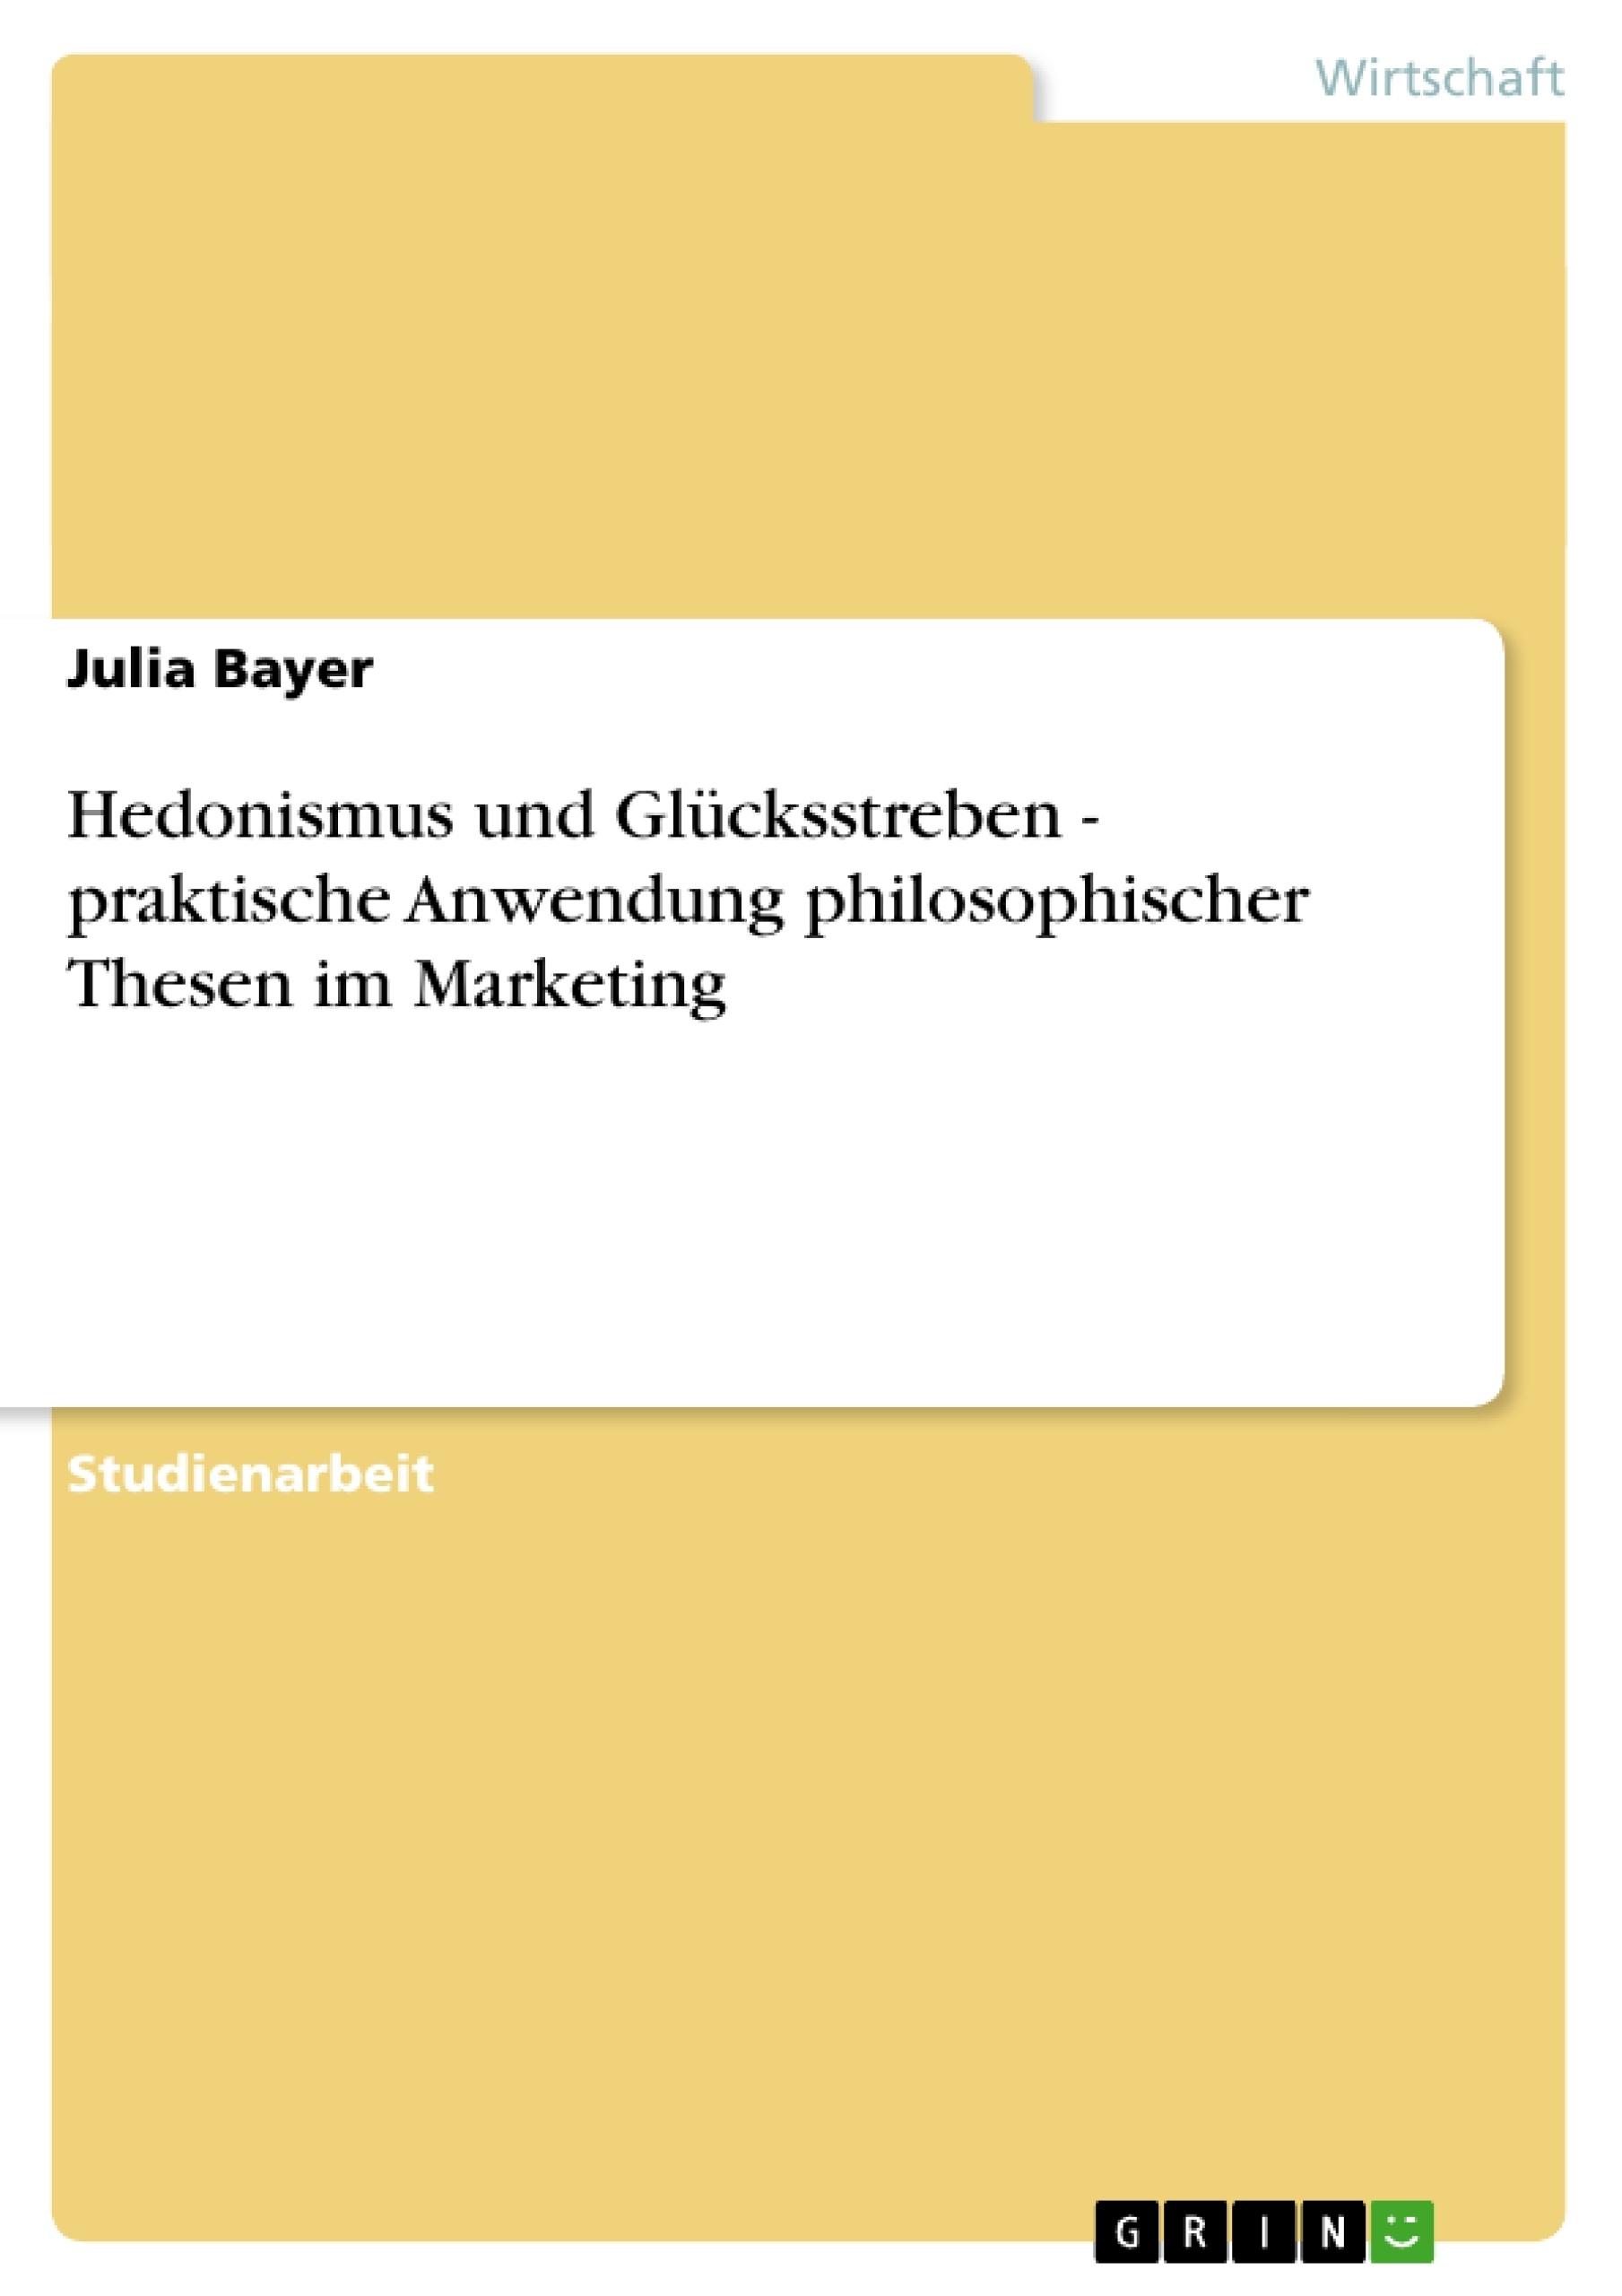 Titel: Hedonismus und Glücksstreben - praktische Anwendung philosophischer Thesen im Marketing